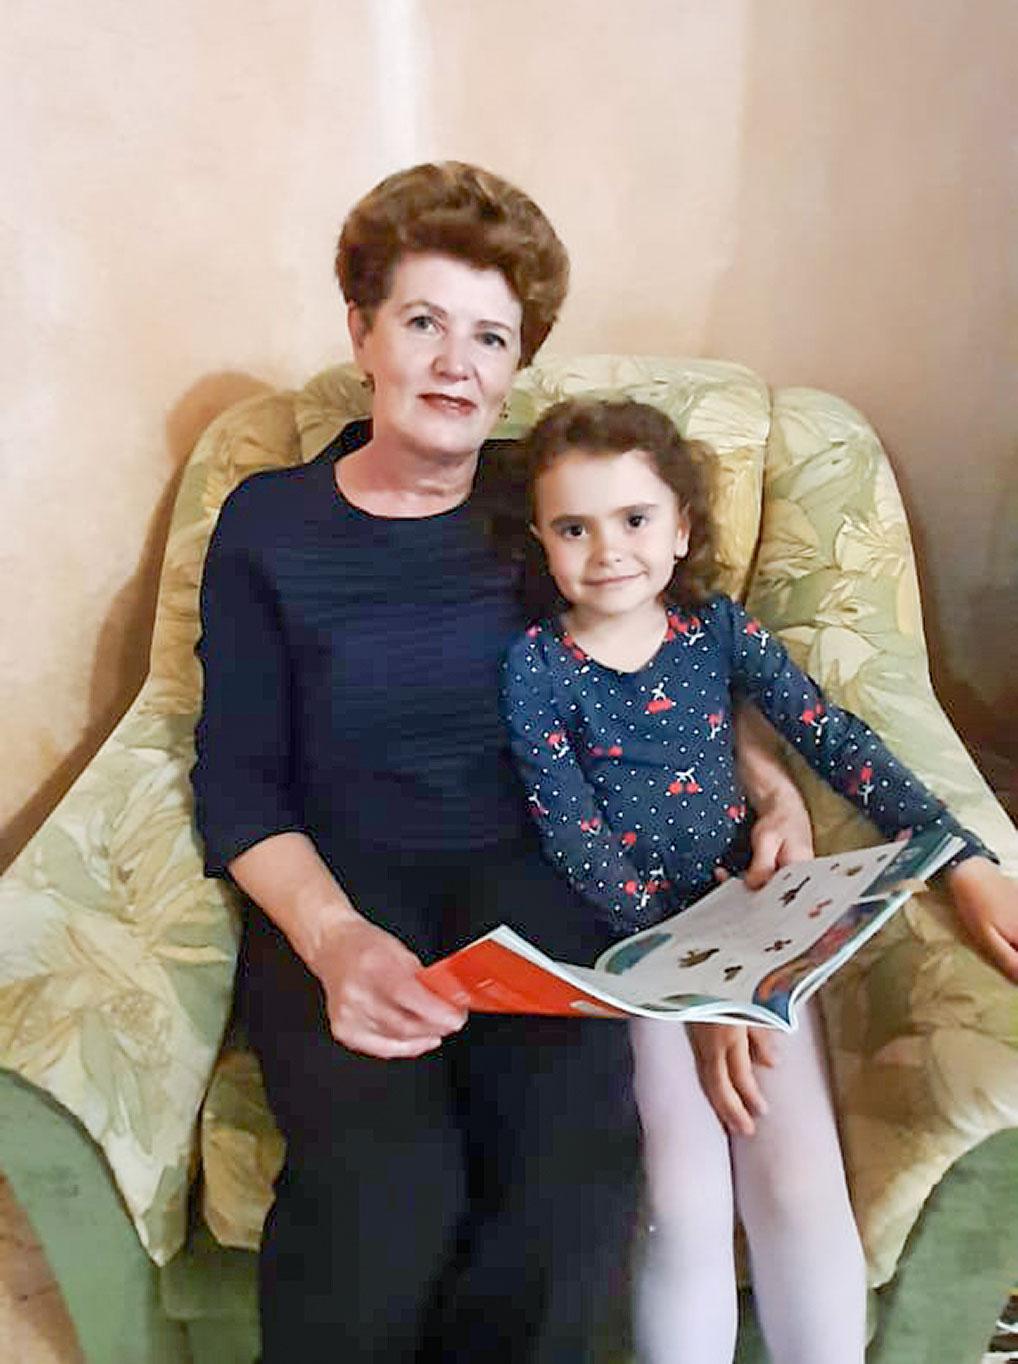 В сентябре внучка Елены Леонидовны Валерия пойдет в первый класс, и когда девочка приезжает в гости к бабушке, они готовятся к школе.